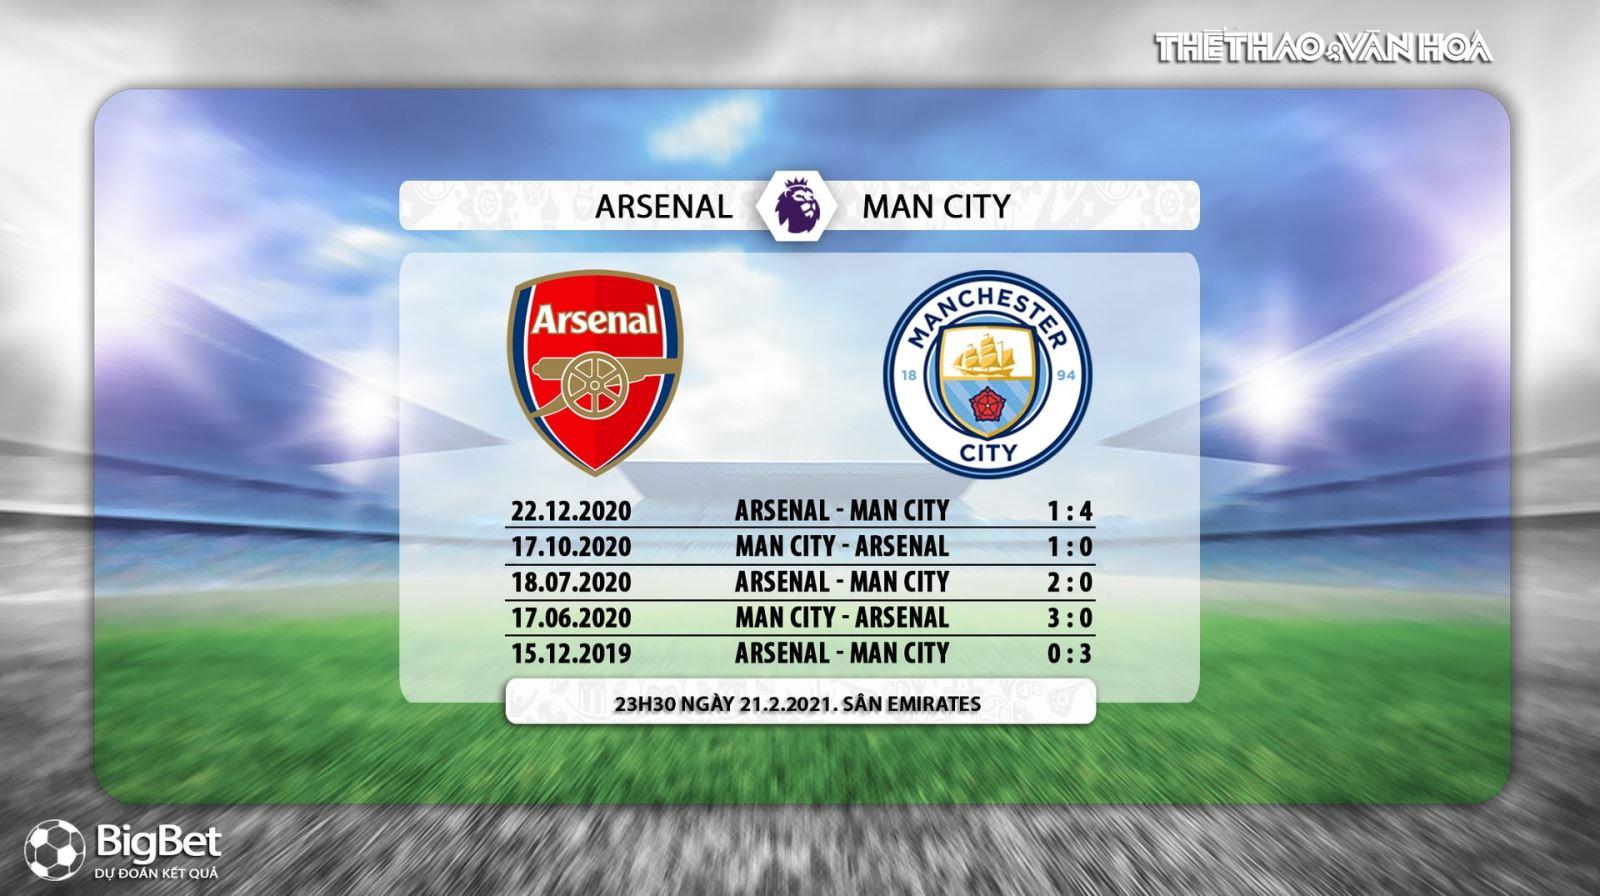 Trực tiếp bóng đá Anh, Arsenal vs Man City, K+, K+PM, Xem bóng đá trực tuyến Arsenal vs Man City, Trực tiếp Arsenal đấu với Man City, Bảng xếp hạng bóng đá Anh